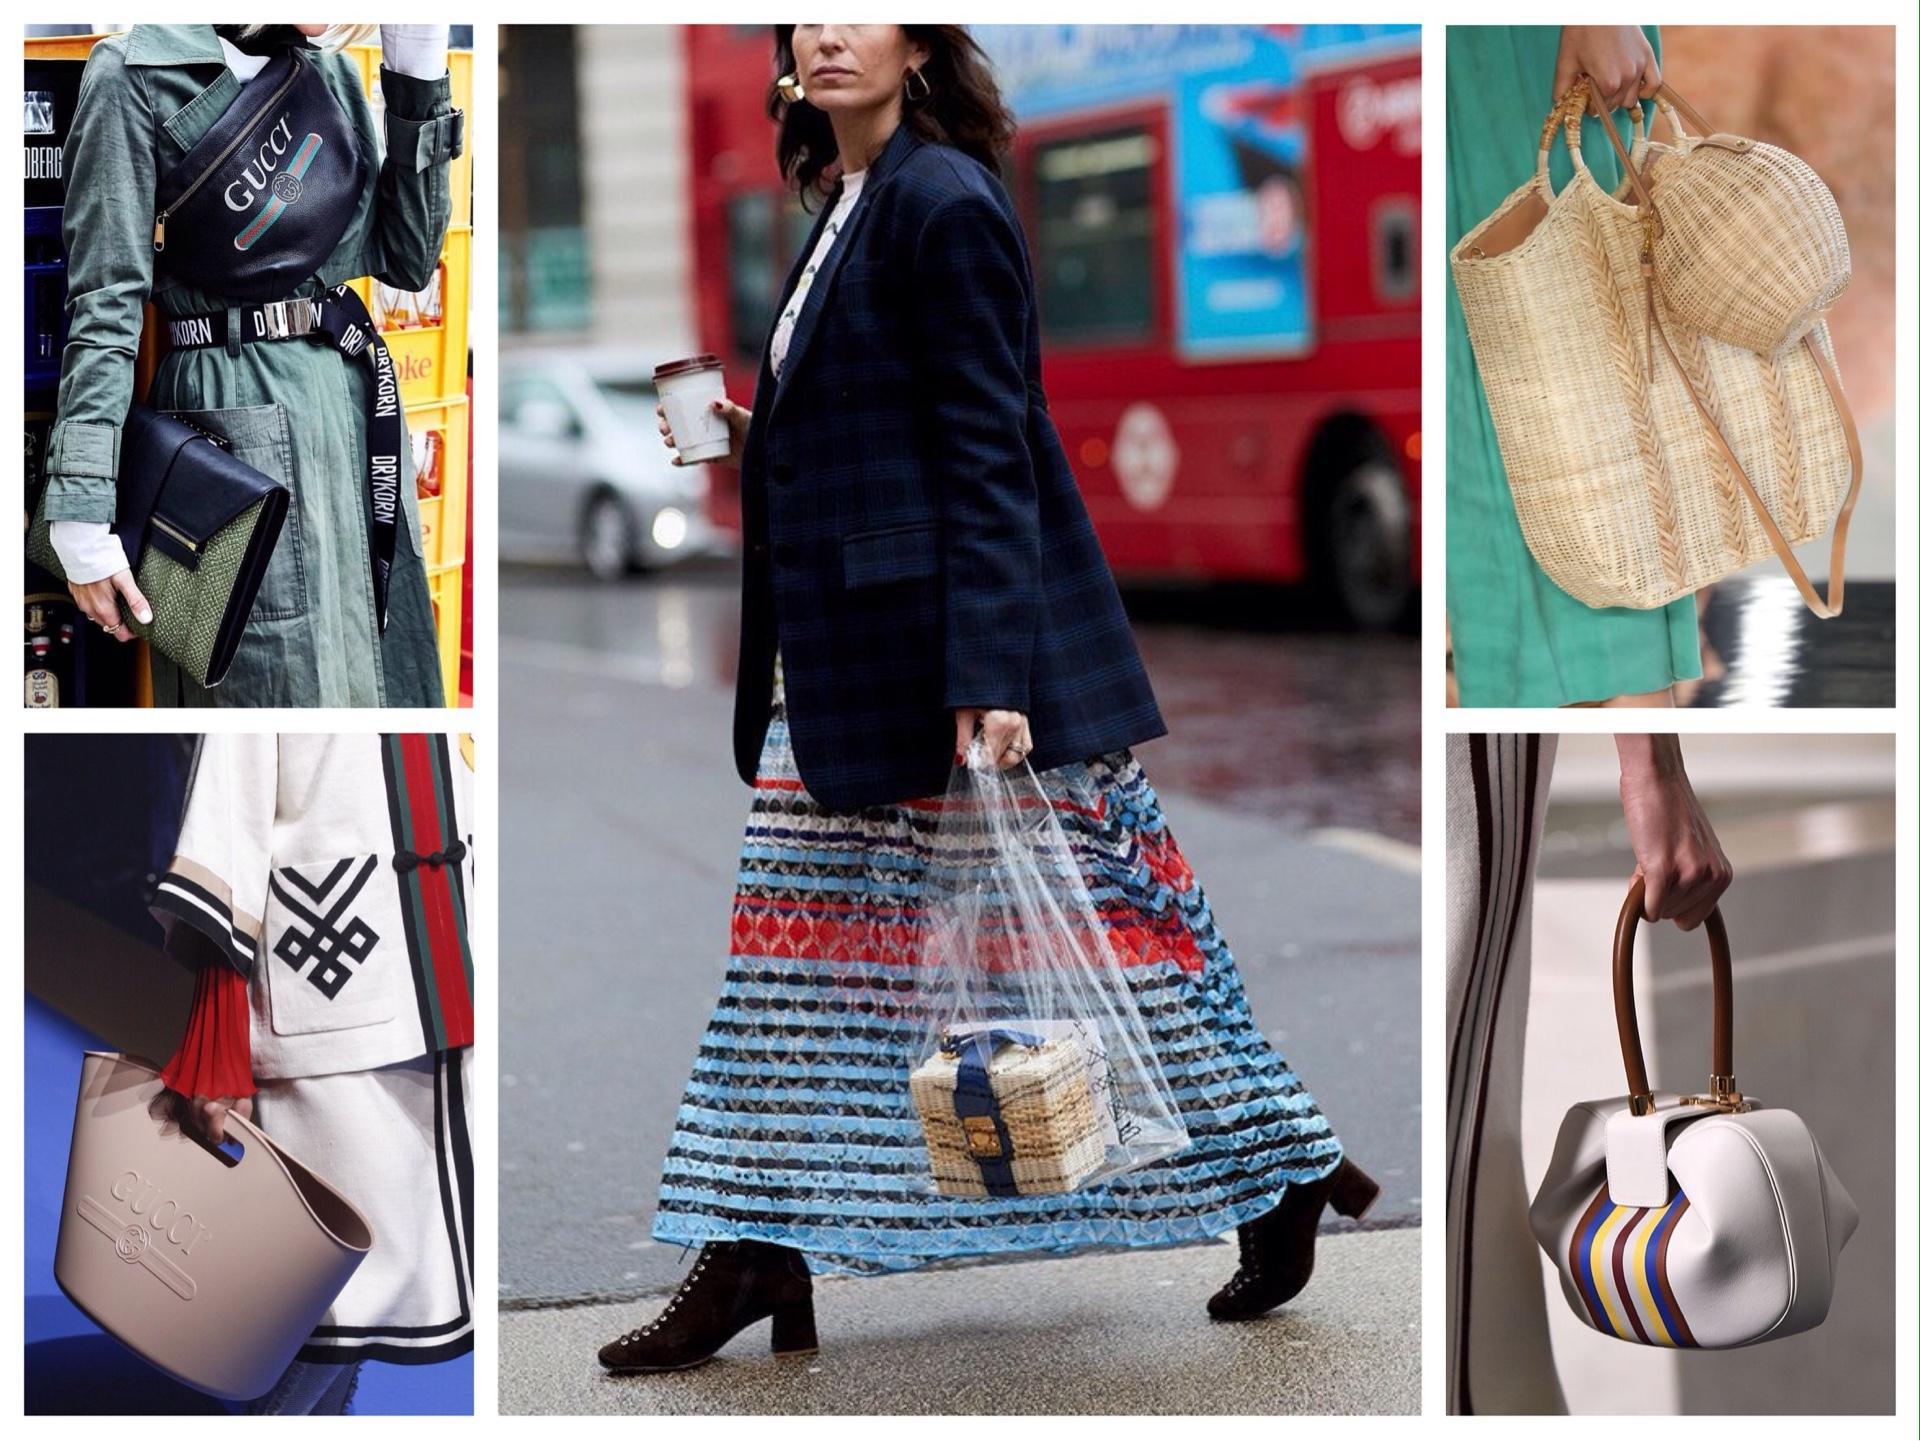 e14ca5f9aefc Виды женских сумок и как их носить: фото, рекомендации